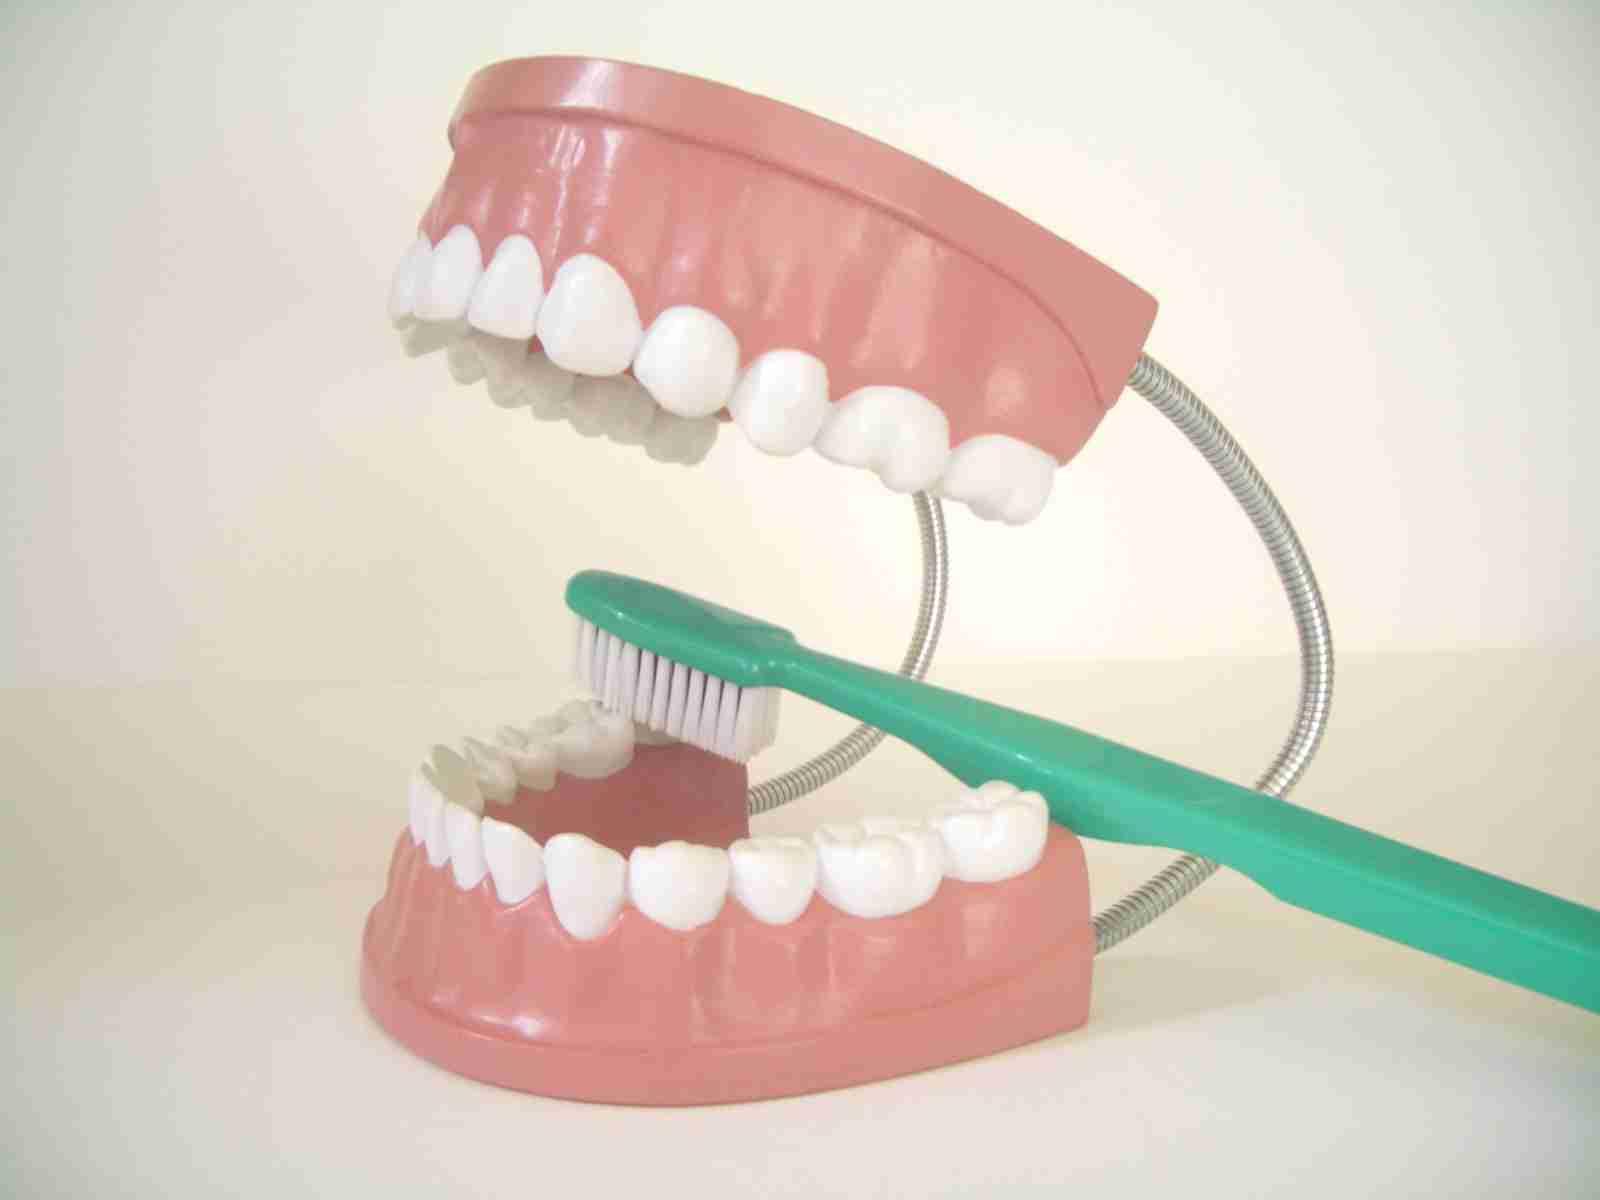 最後は抜歯まで行き着く「銀歯治療」の負の連鎖